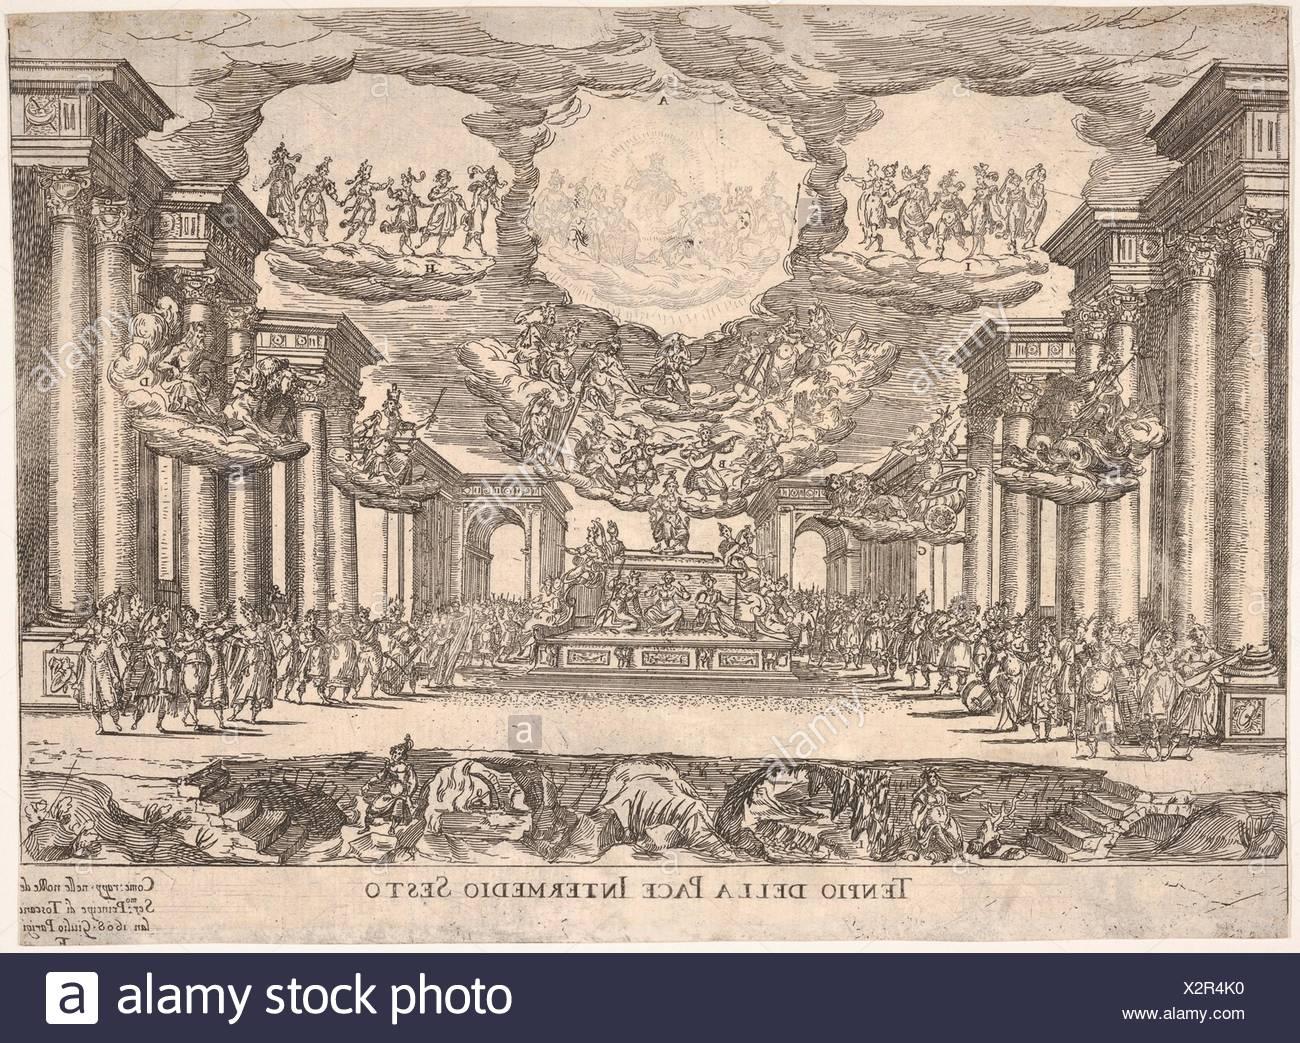 Sixth interlude: temple of peace (Intermedio sesto: tempio della pace), from the series 'Seven Interludes' for the wedding celebration of Cosimo de' - Stock Image